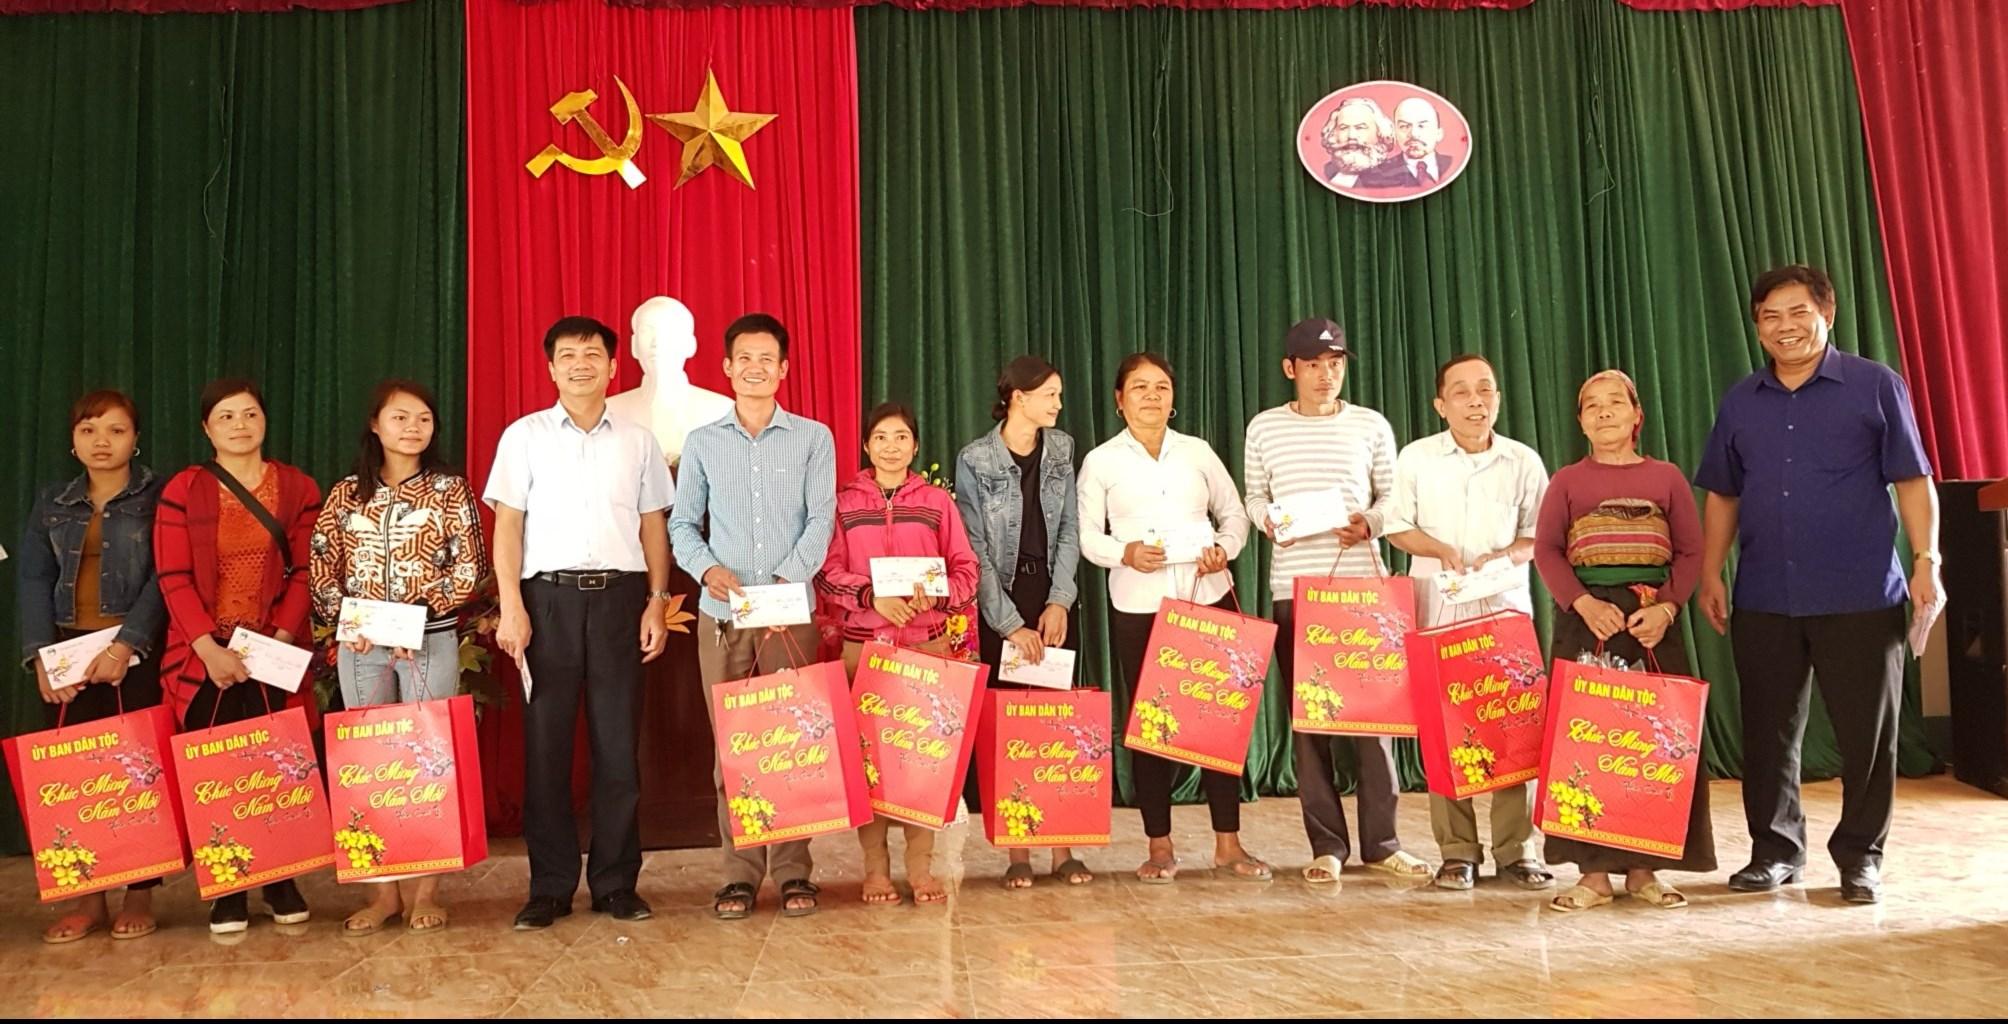 Đoàn công tác của UBDT thăm, tặng quà Tết tại xã Trung Sơn, huyện Quan Hóa (Thanh Hóa)